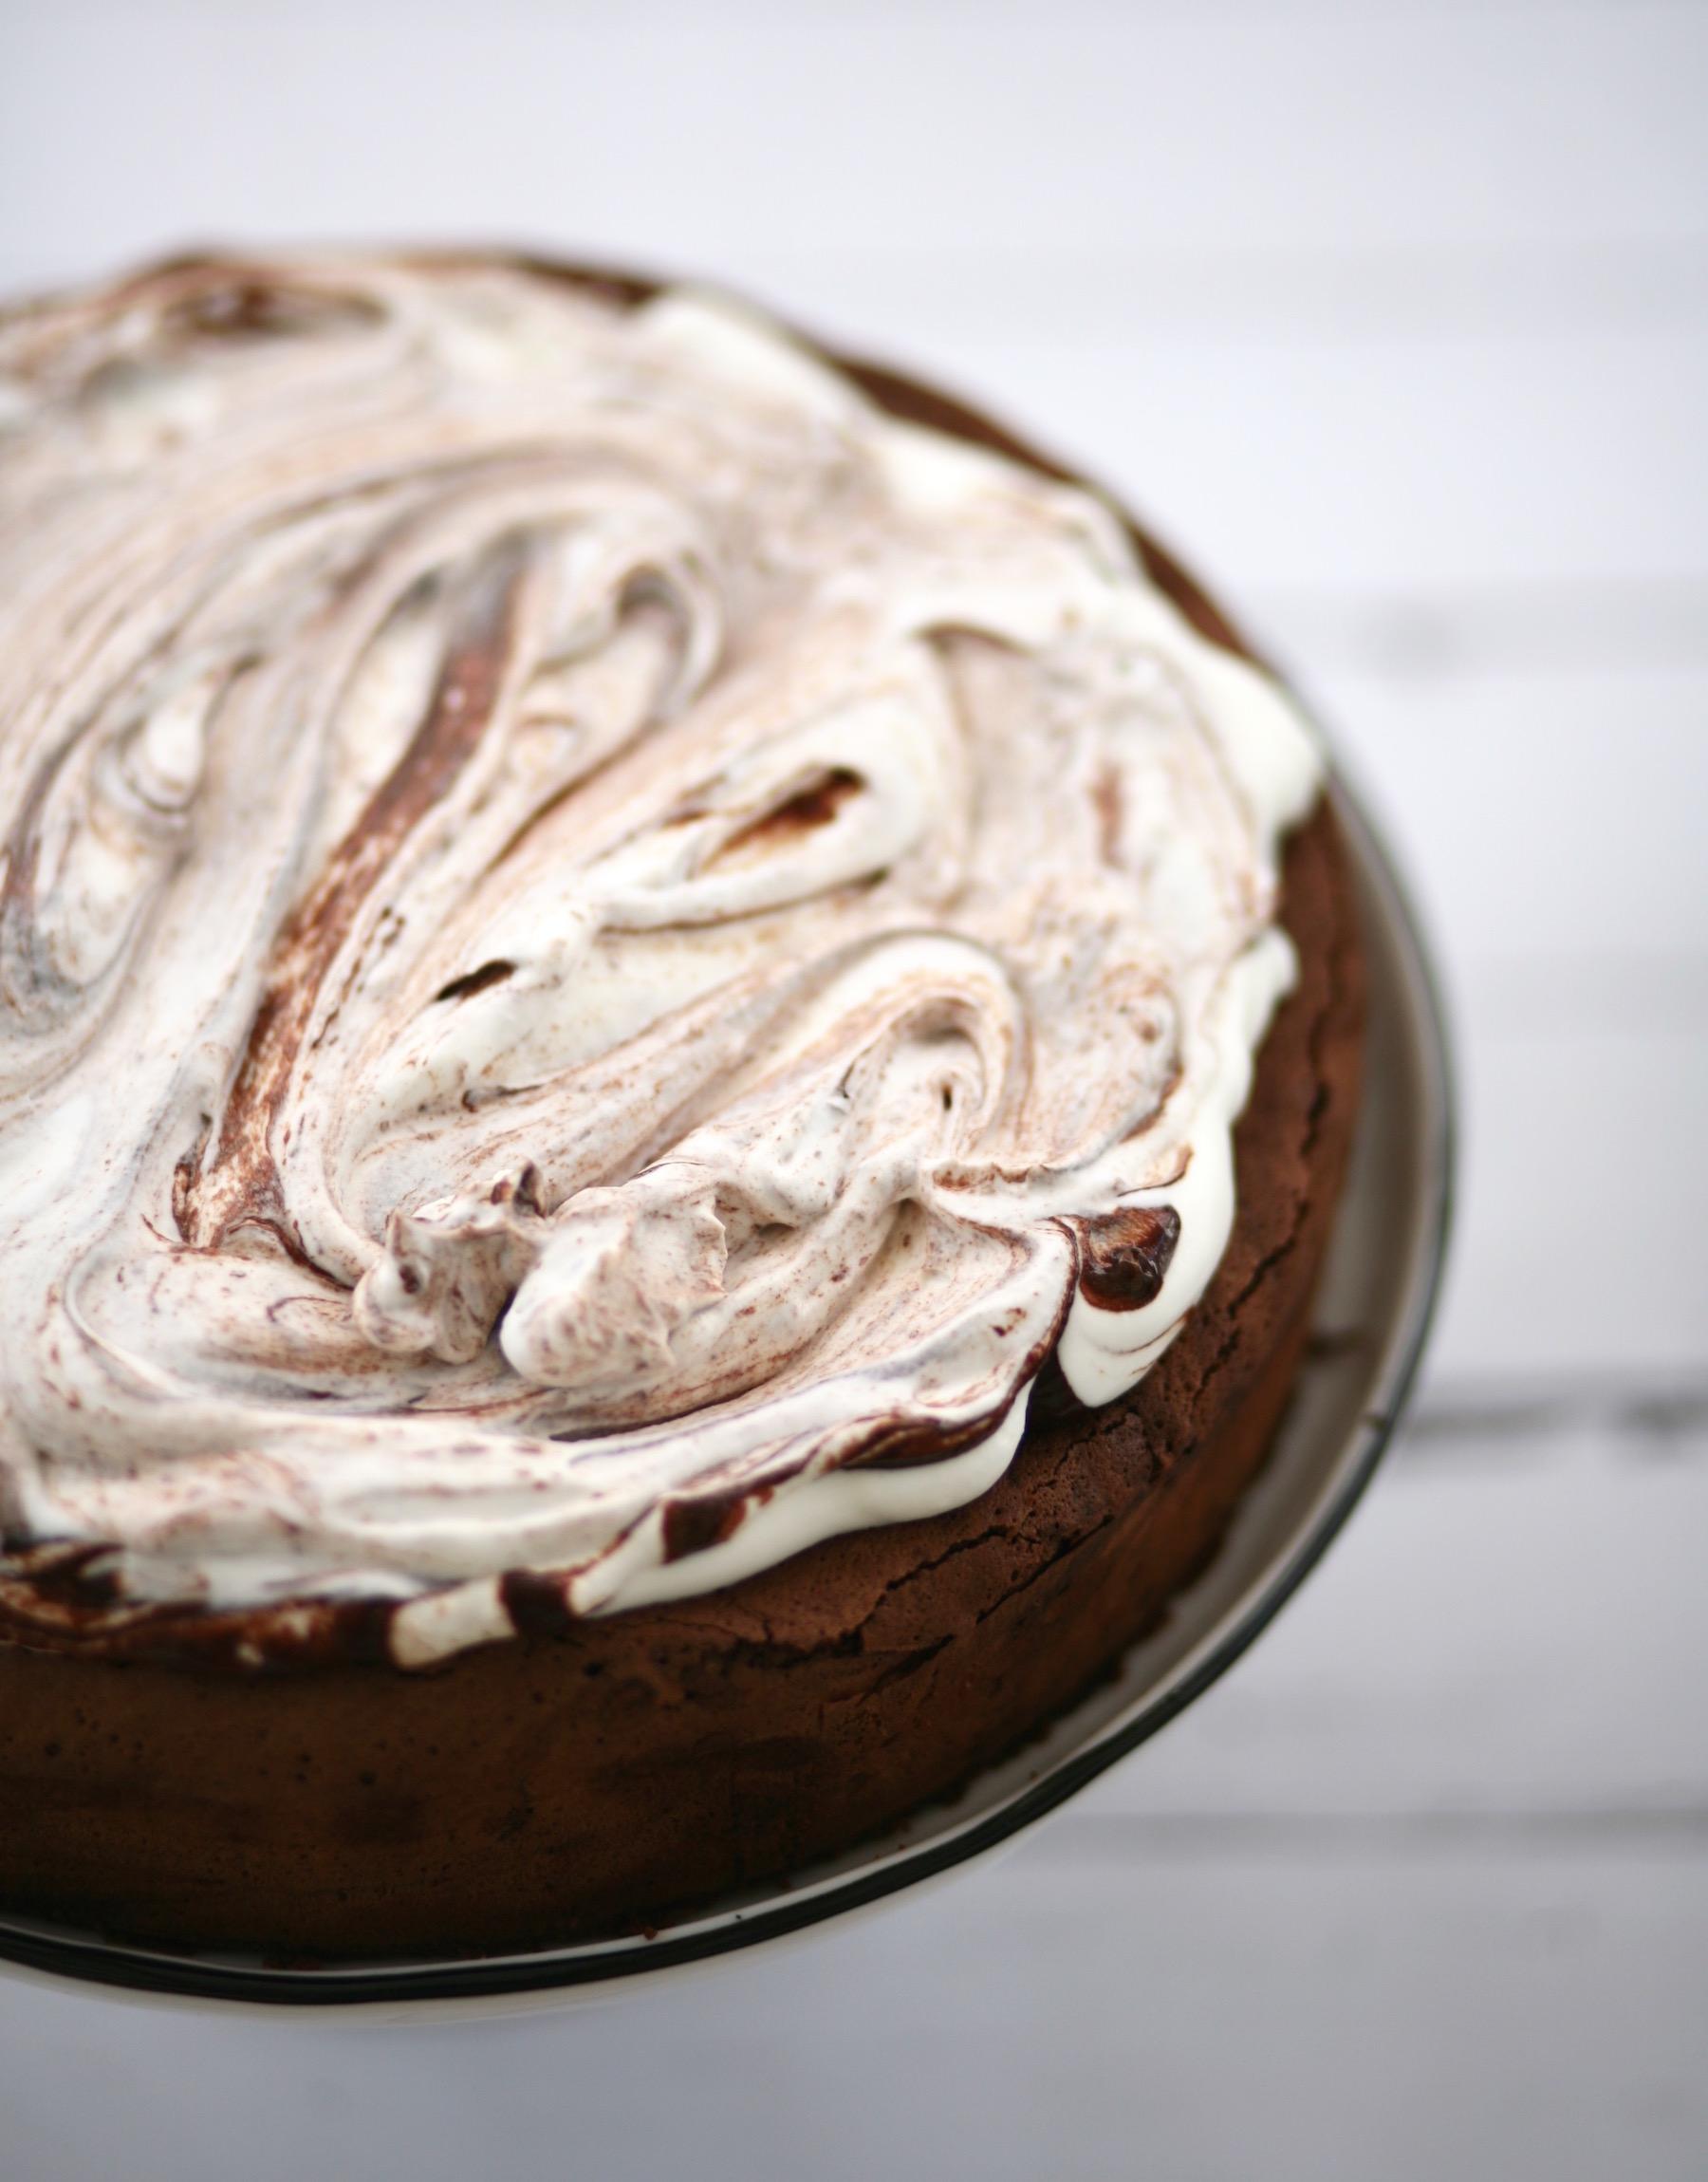 עוגת שוקולד ללא קמח עם קצפת